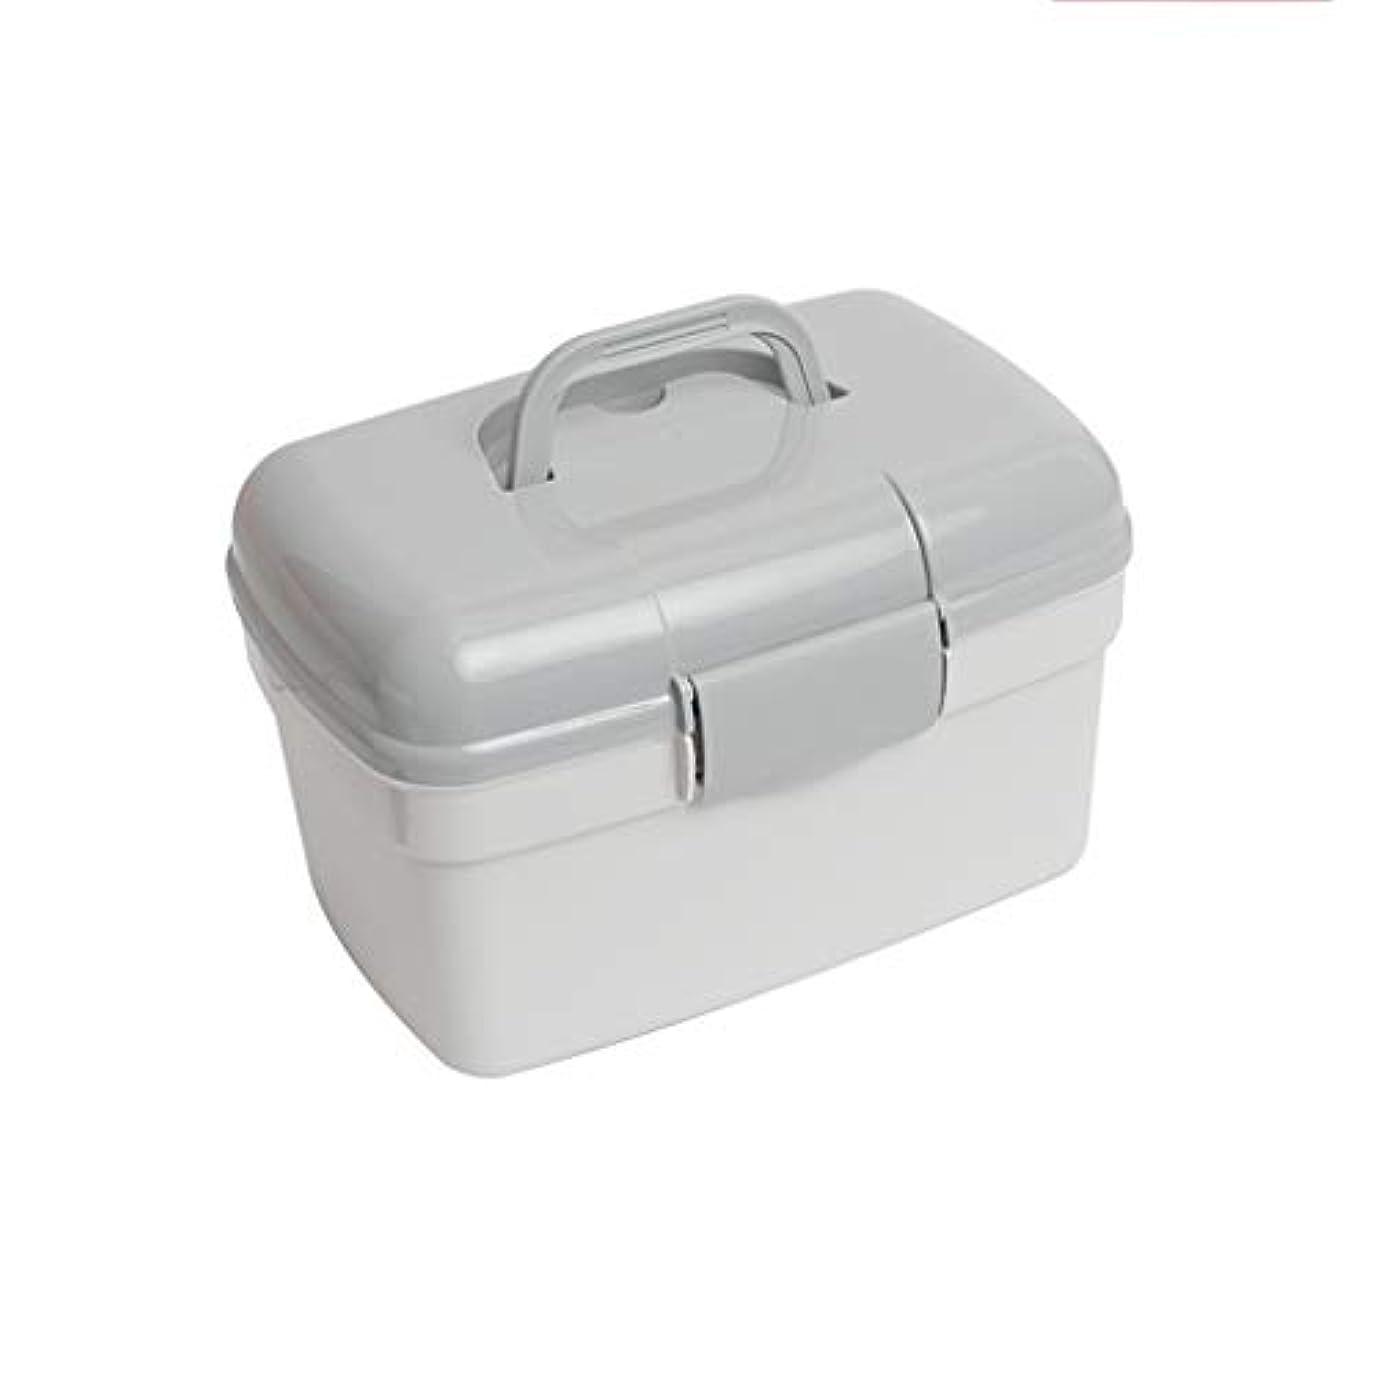 昇る正確に乳製品YYFRB 家族用多層医療キット、プラスチック製医療用収納ボックス、家族用救急箱 医学パッケージ (Color : Gray)